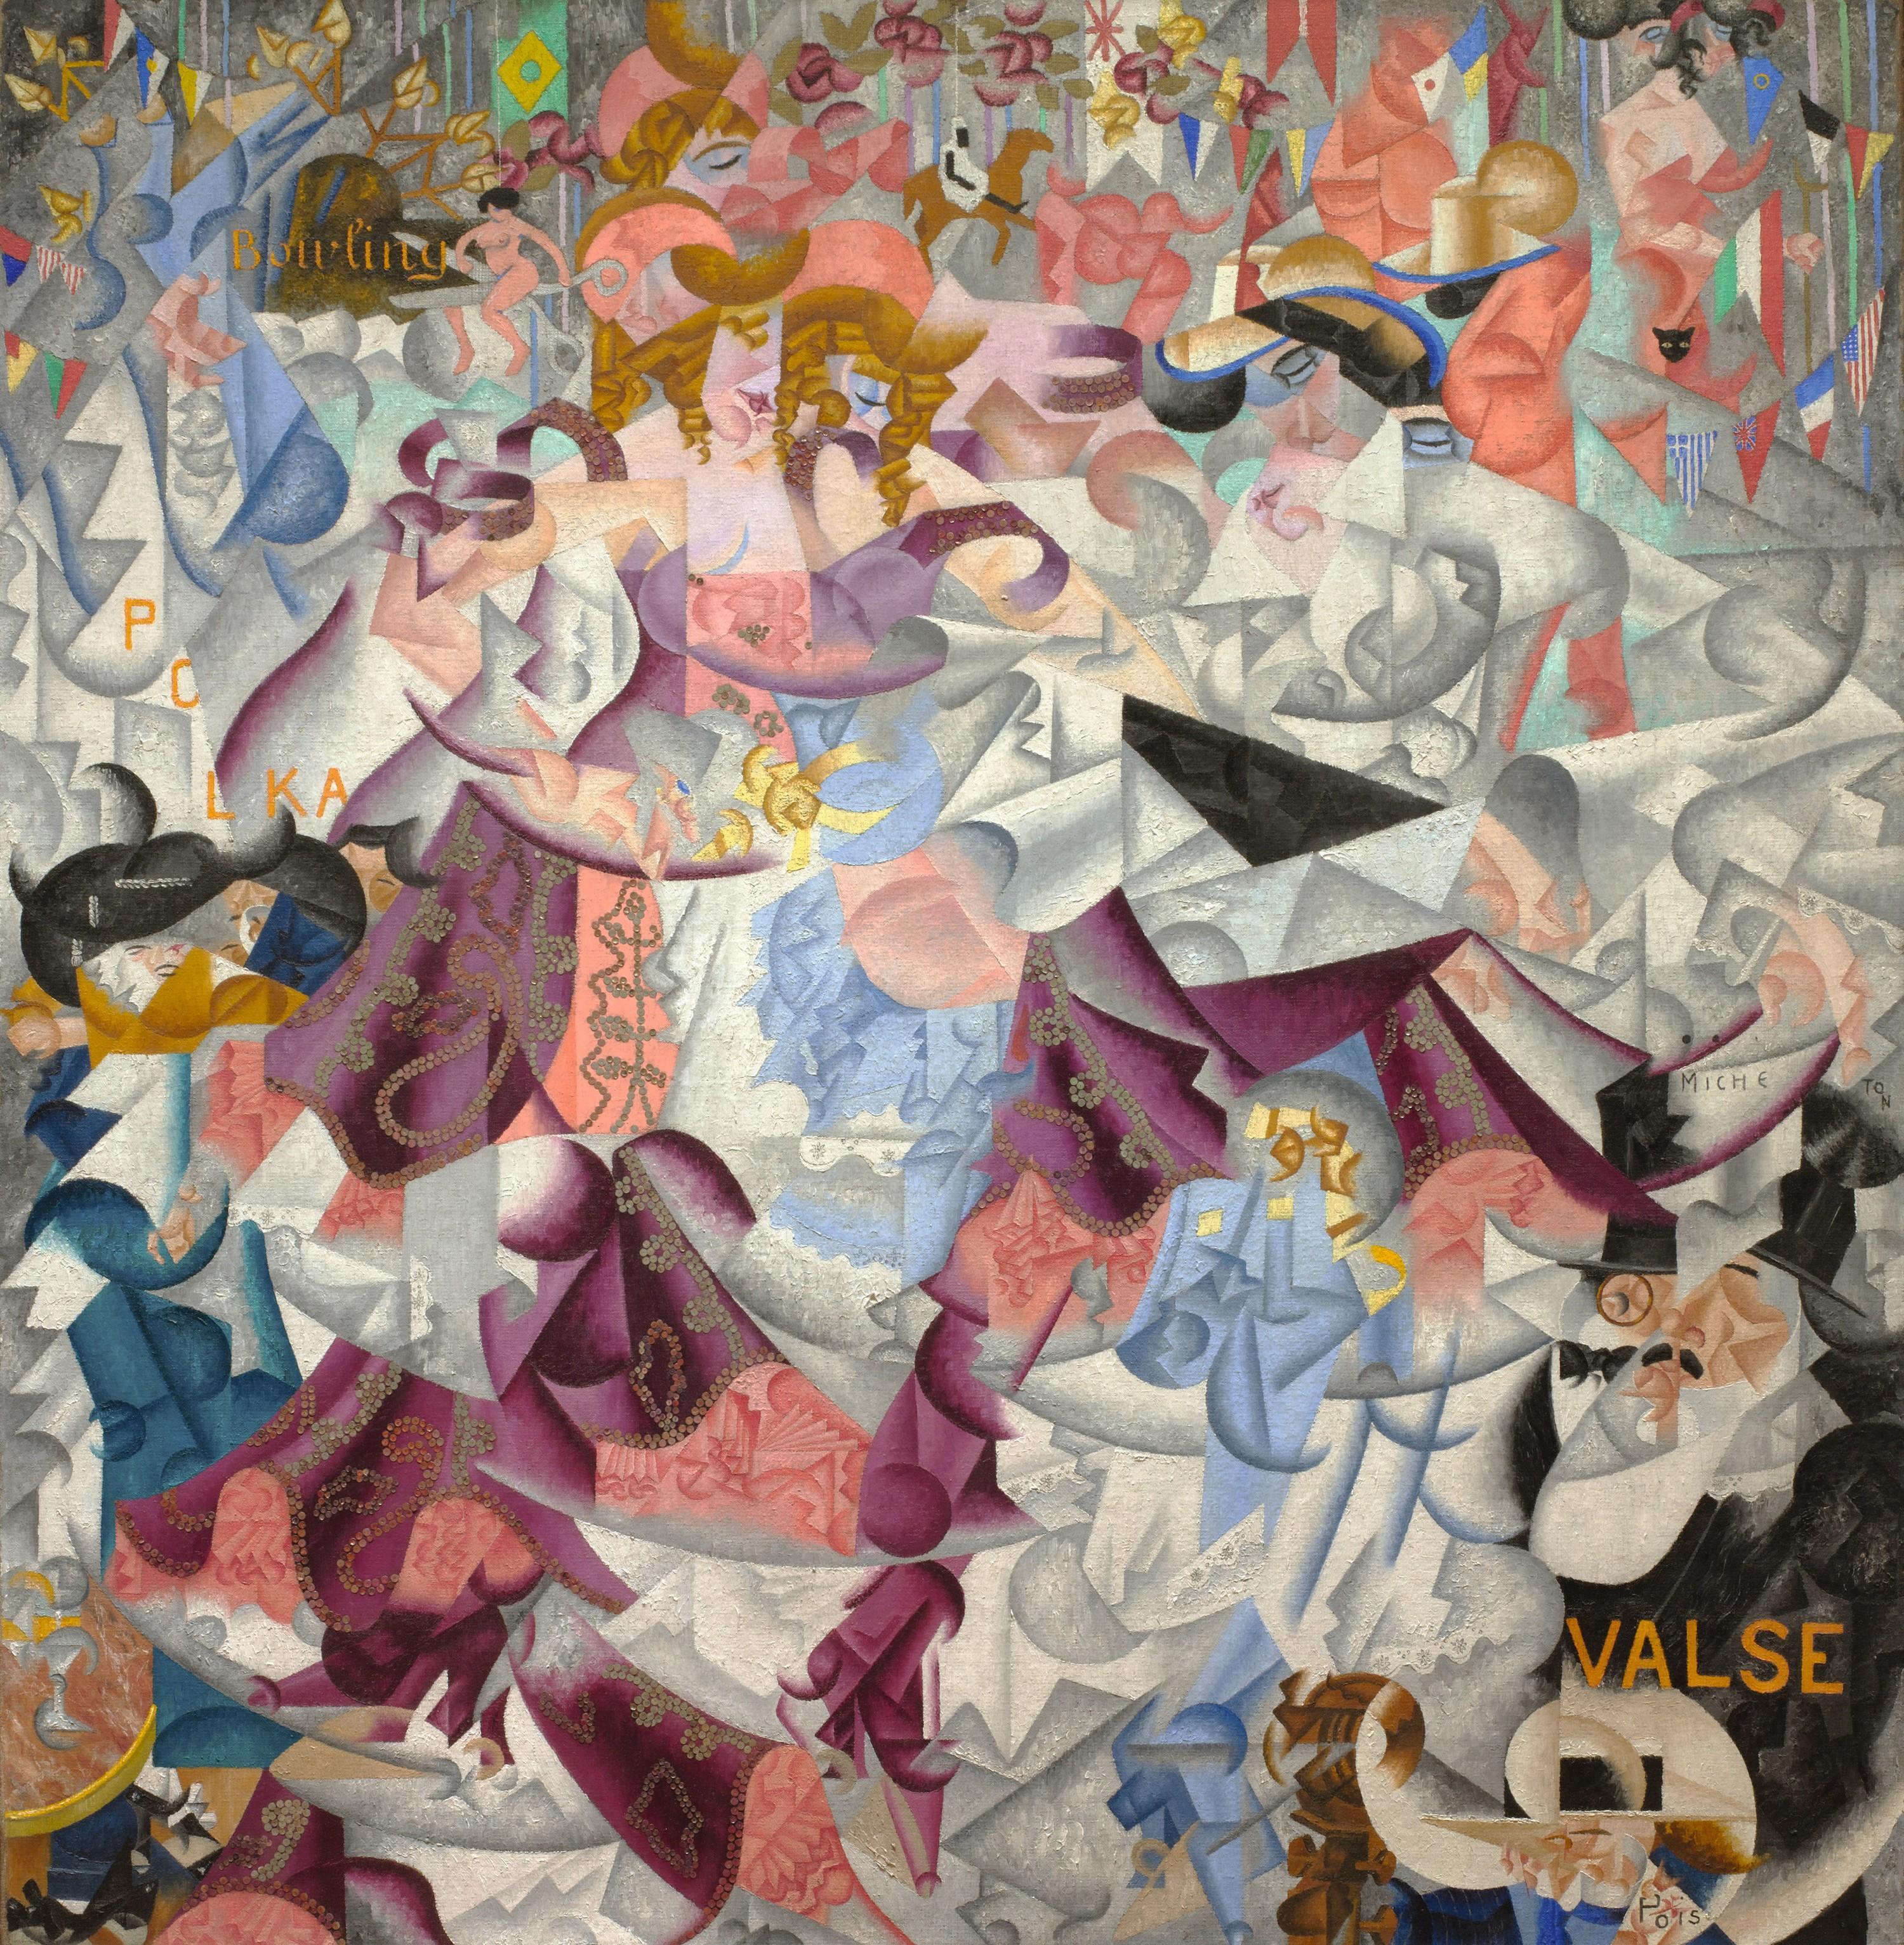 Gino Severini, Hiéroglyphe dynamique du bal Tabarin, huile sur toile avec paillettes, 161,6 × 156,2 cm, musée d'Art Moderne, New York, 1912.